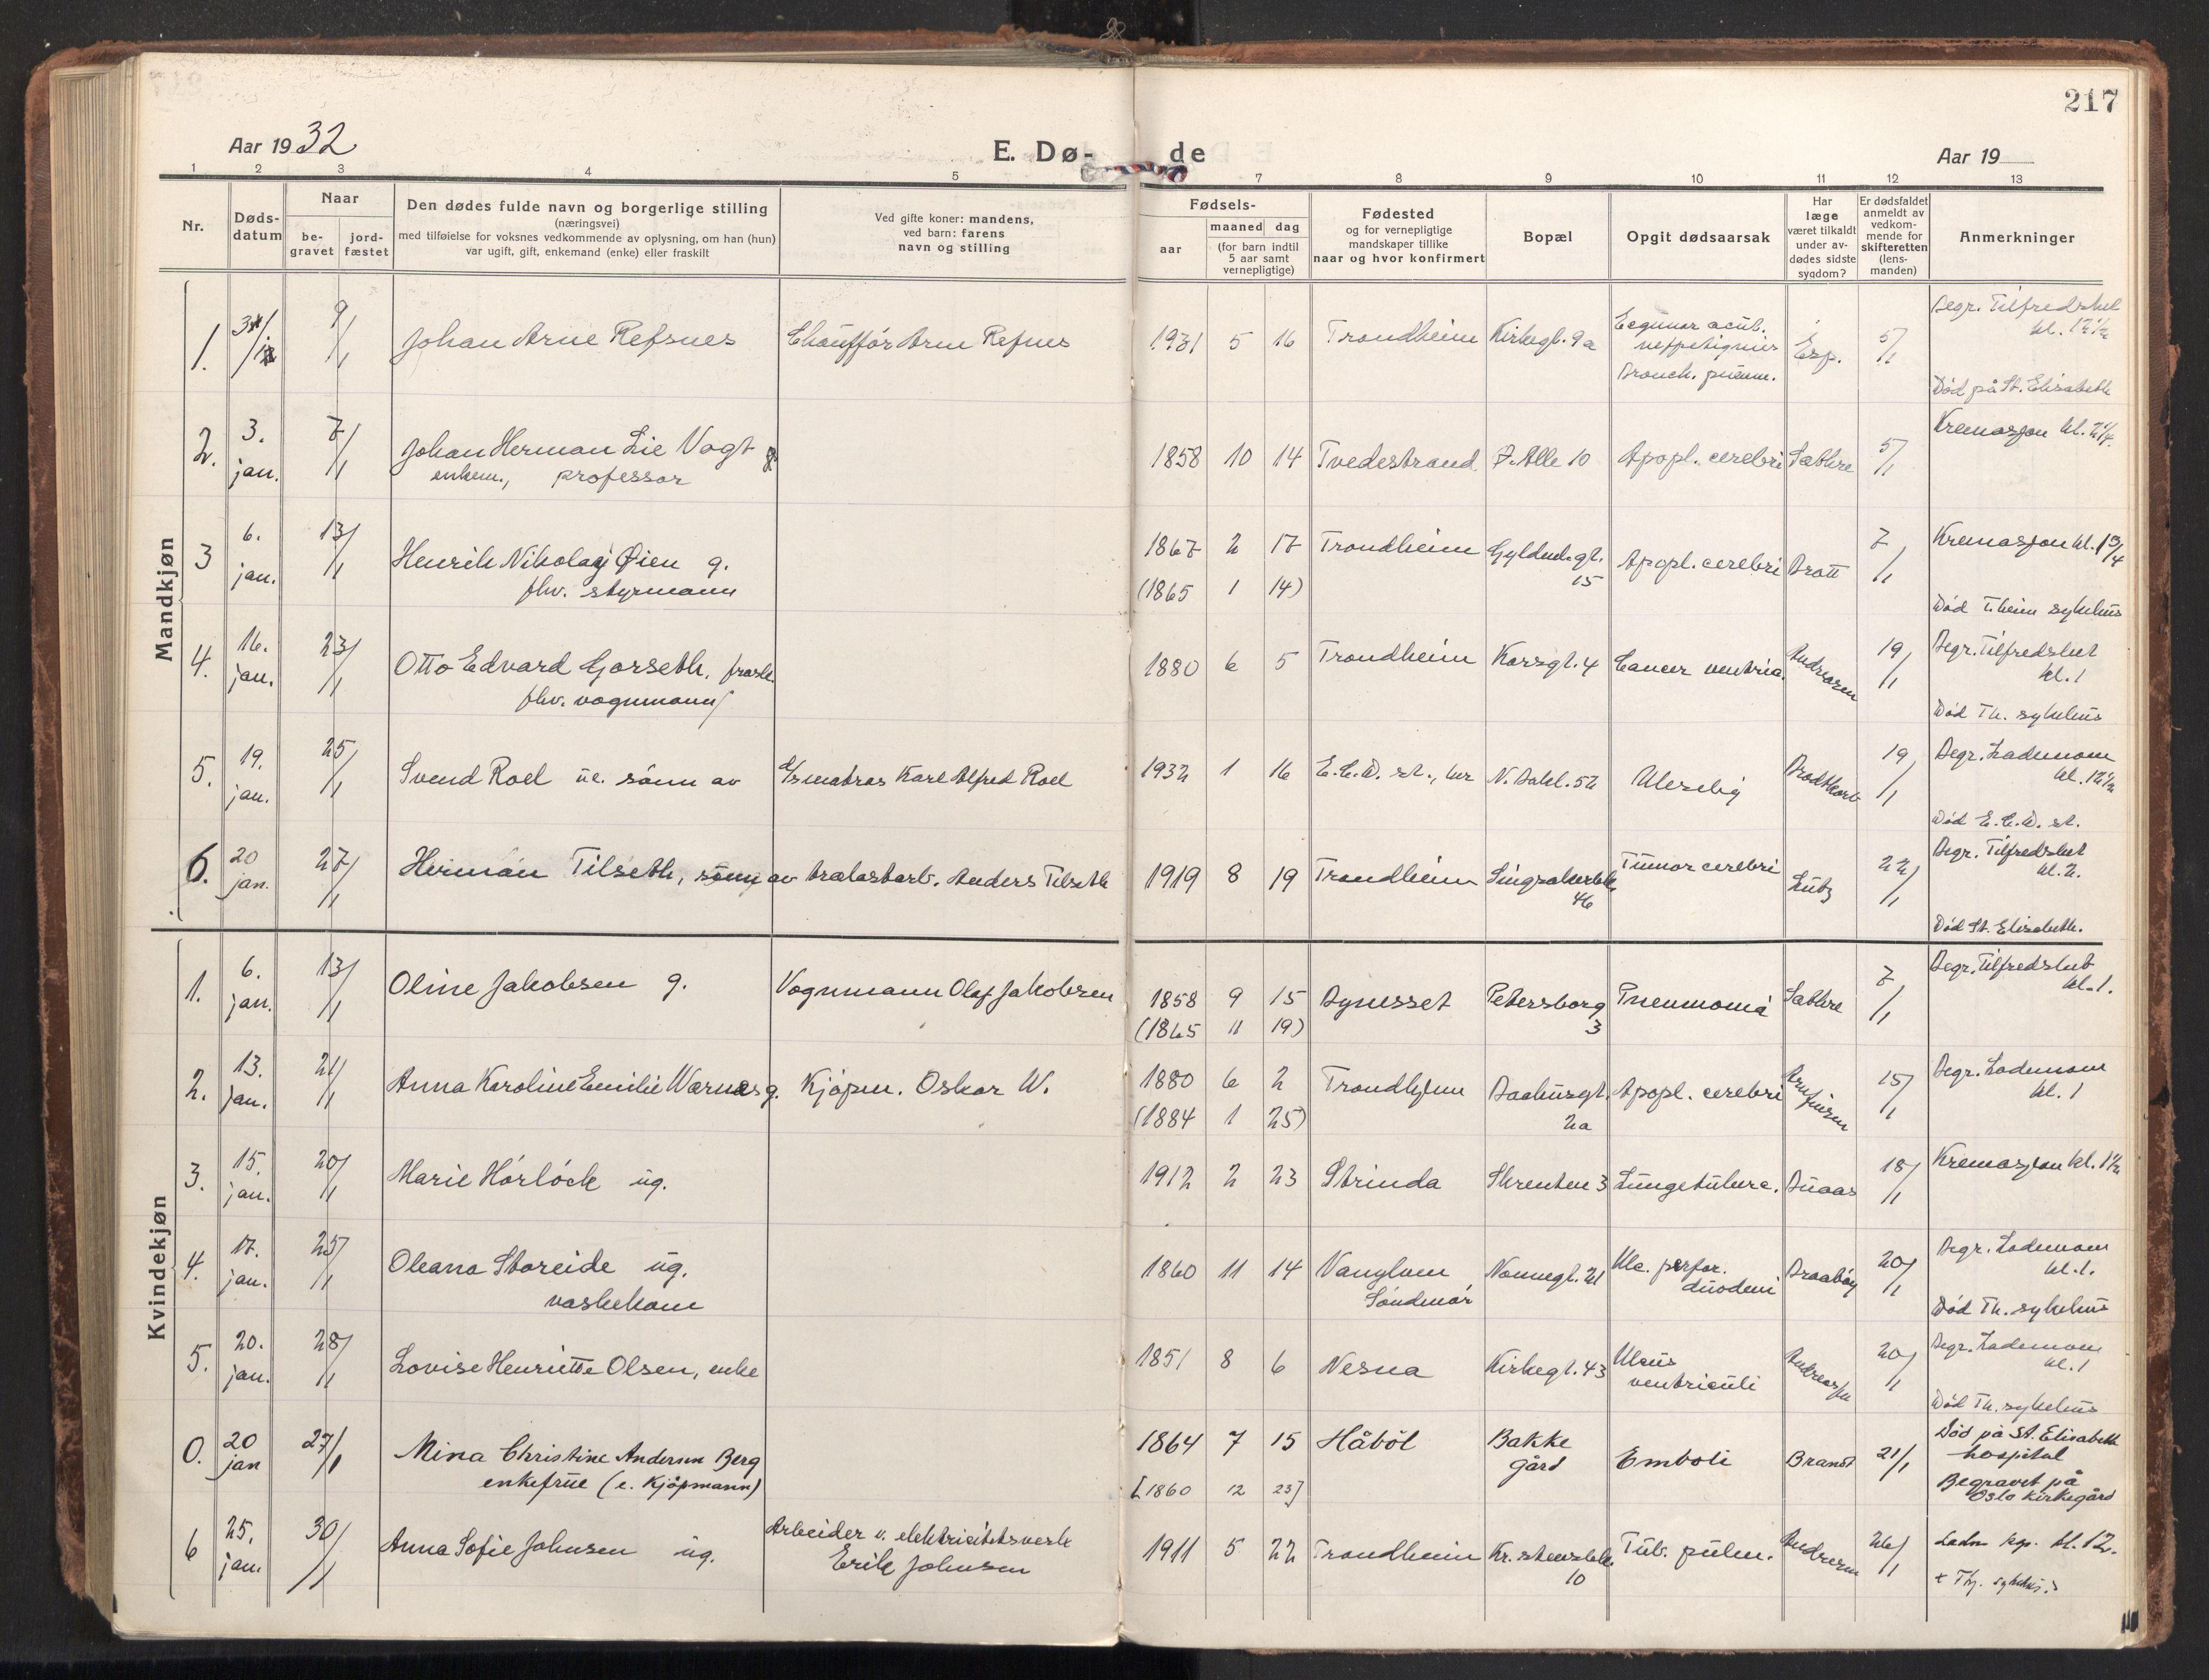 SAT, Ministerialprotokoller, klokkerbøker og fødselsregistre - Sør-Trøndelag, 604/L0207: Ministerialbok nr. 604A27, 1917-1933, s. 217